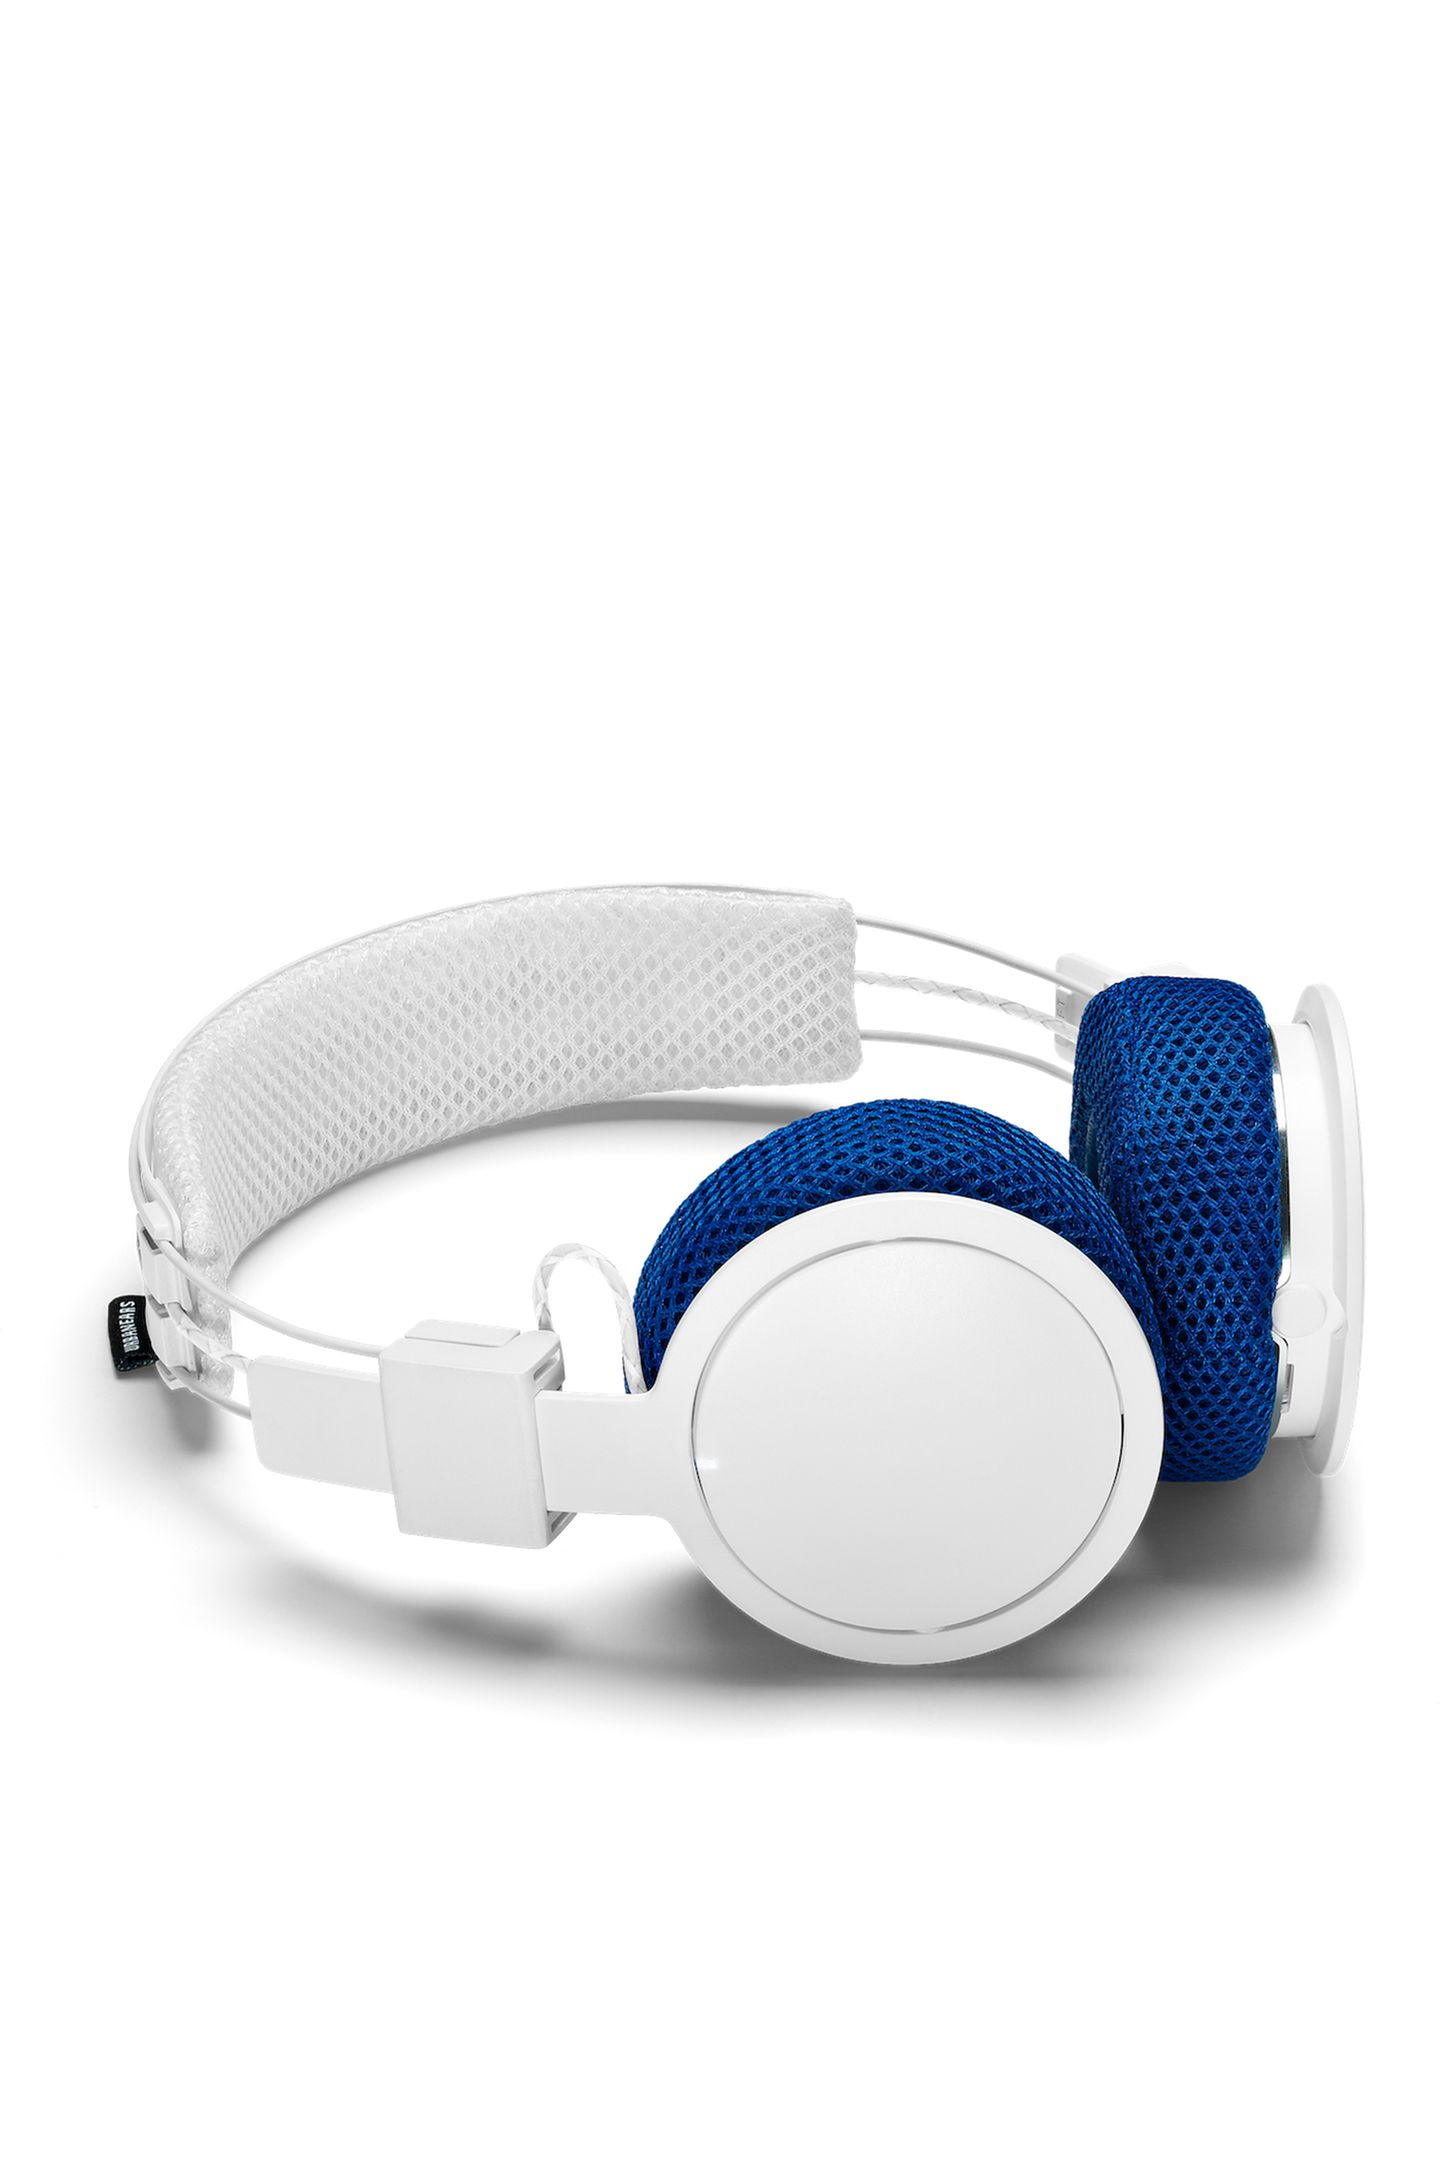 """Wenn der Beat stimmt, läuft's beim Workout doppelt so gut. Vor allem, wenn man sich nicht in lästigen Kabeln verheddern kann. Wie gut, dass die """"Hellas""""-Kopfhörer über Bluetooth laufen und mit sportlichen Funktionen kommen. Von Urbanears, ca. 90 Euro."""